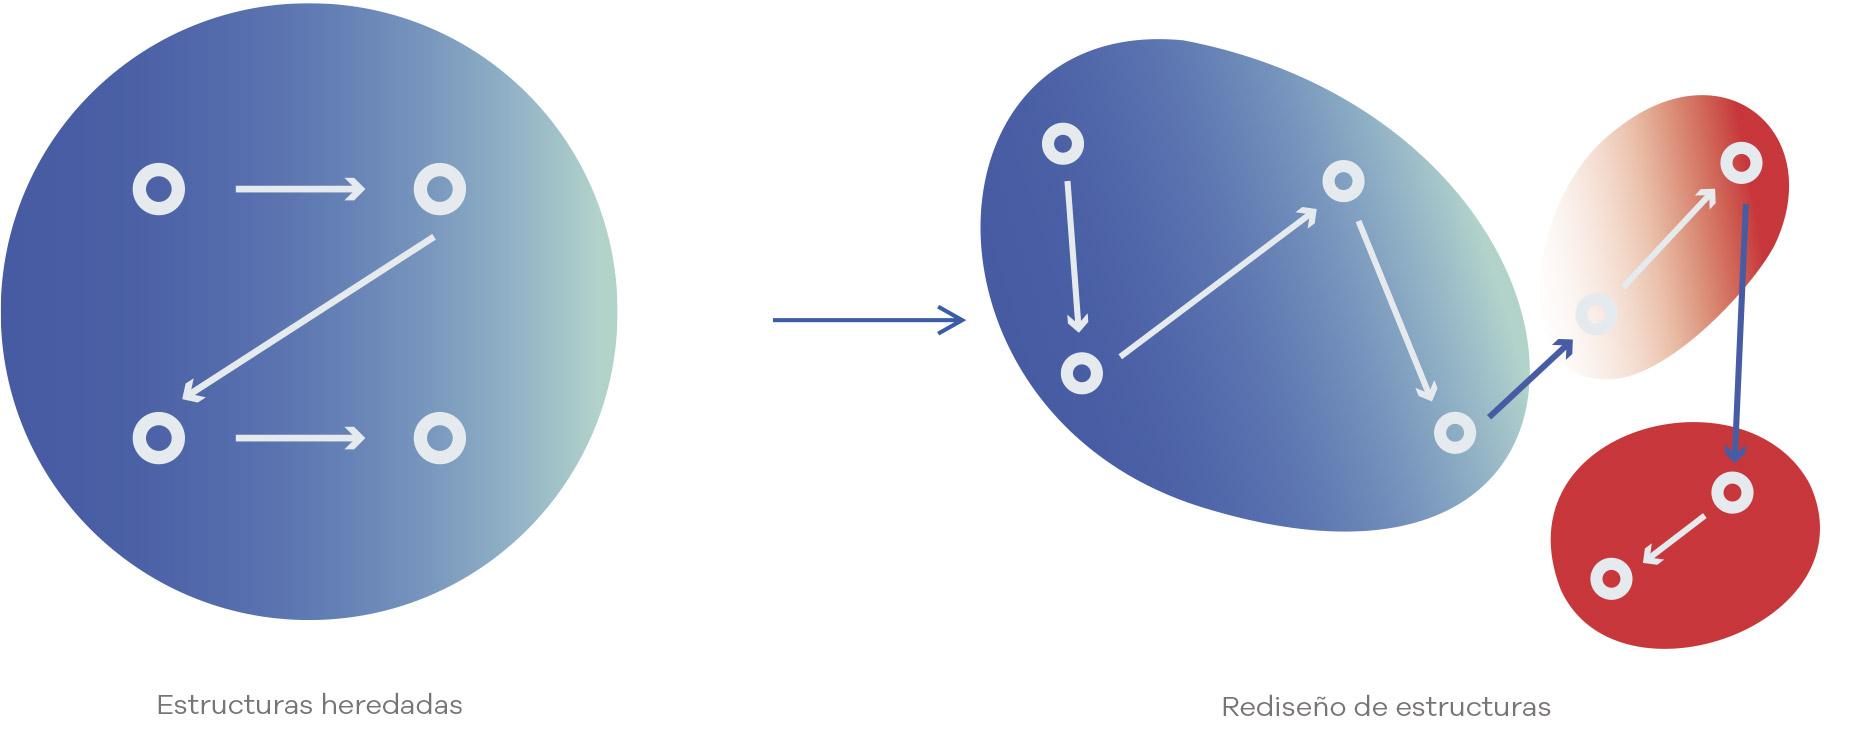 Kainova - Empresa líquida - Rediseño constante de estructuras